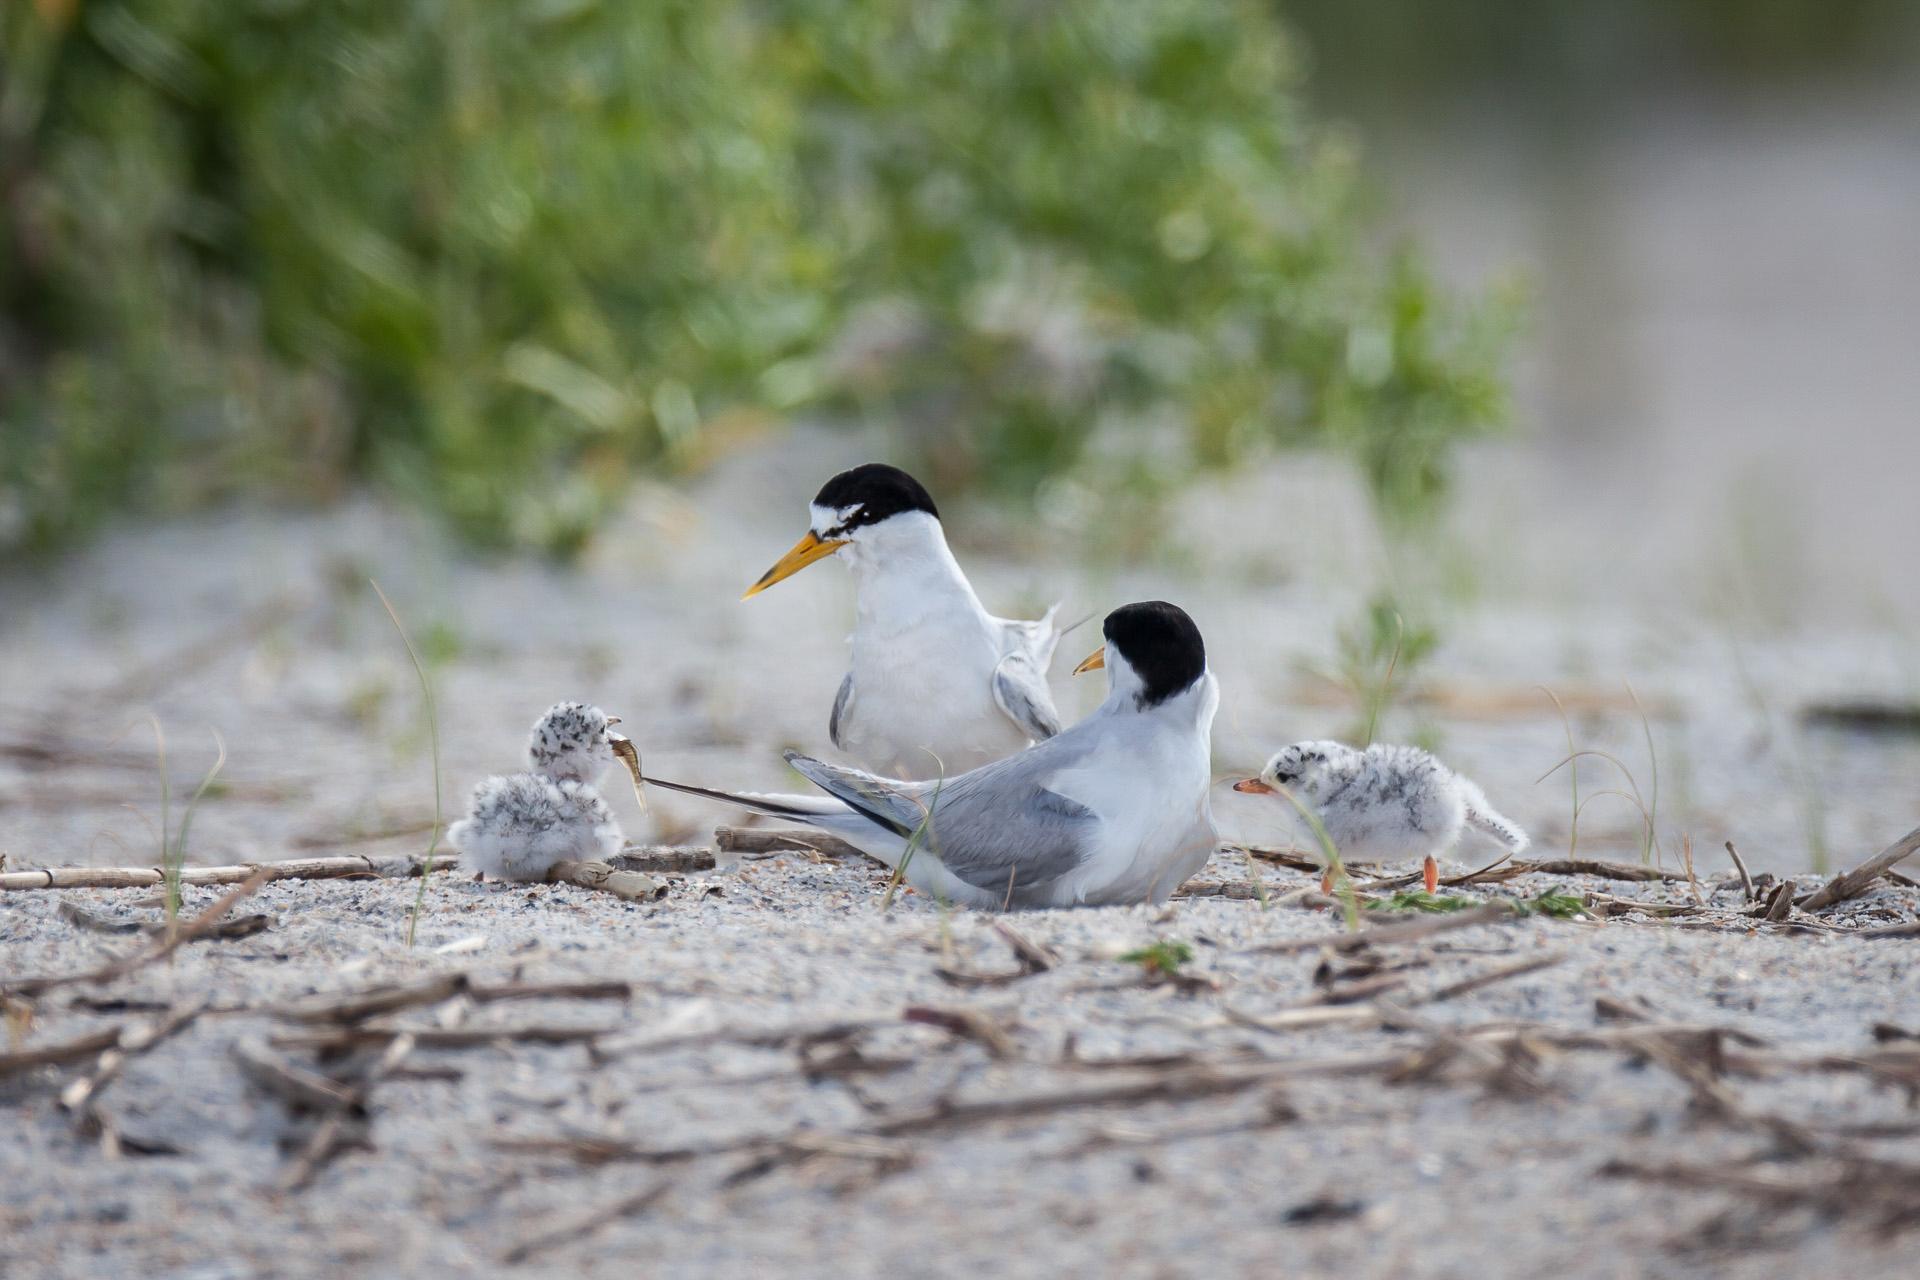 Least Terns. Photo: Ethan Slattery/Audubon Photography Awards.